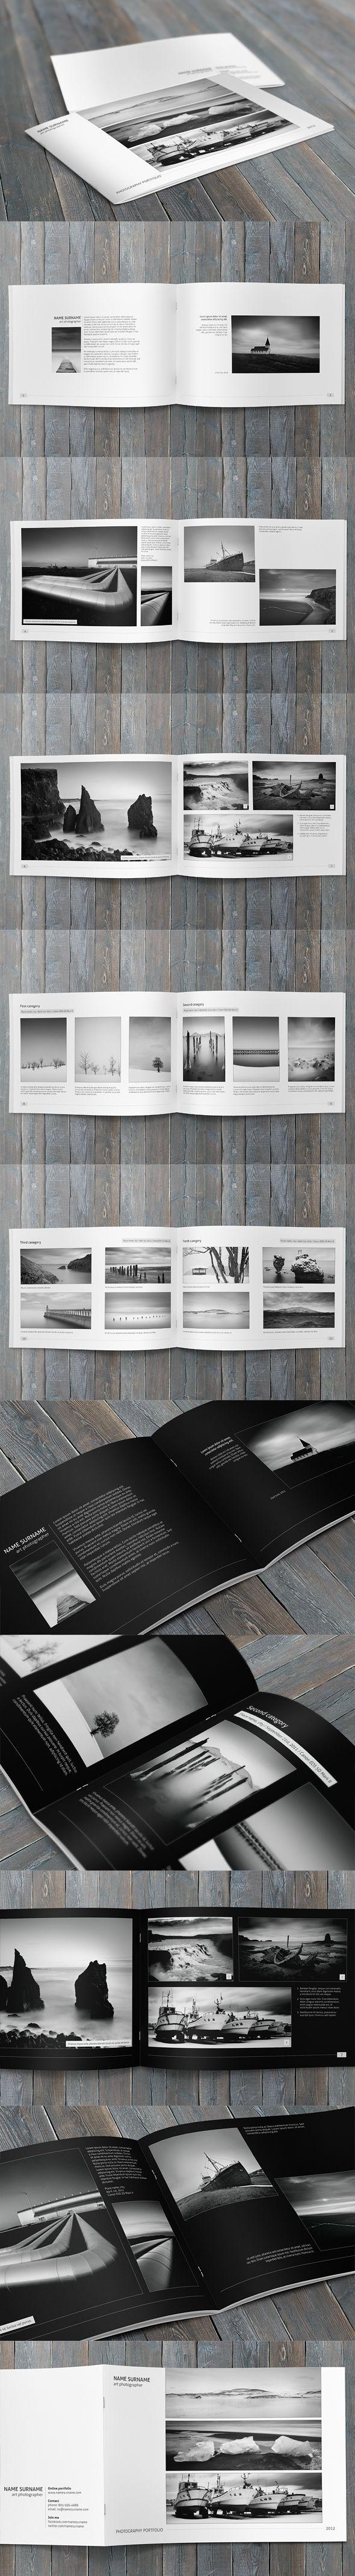 Minimalfolio Photography Portfolio A4 Brochure by Przemyslaw S, via Behance